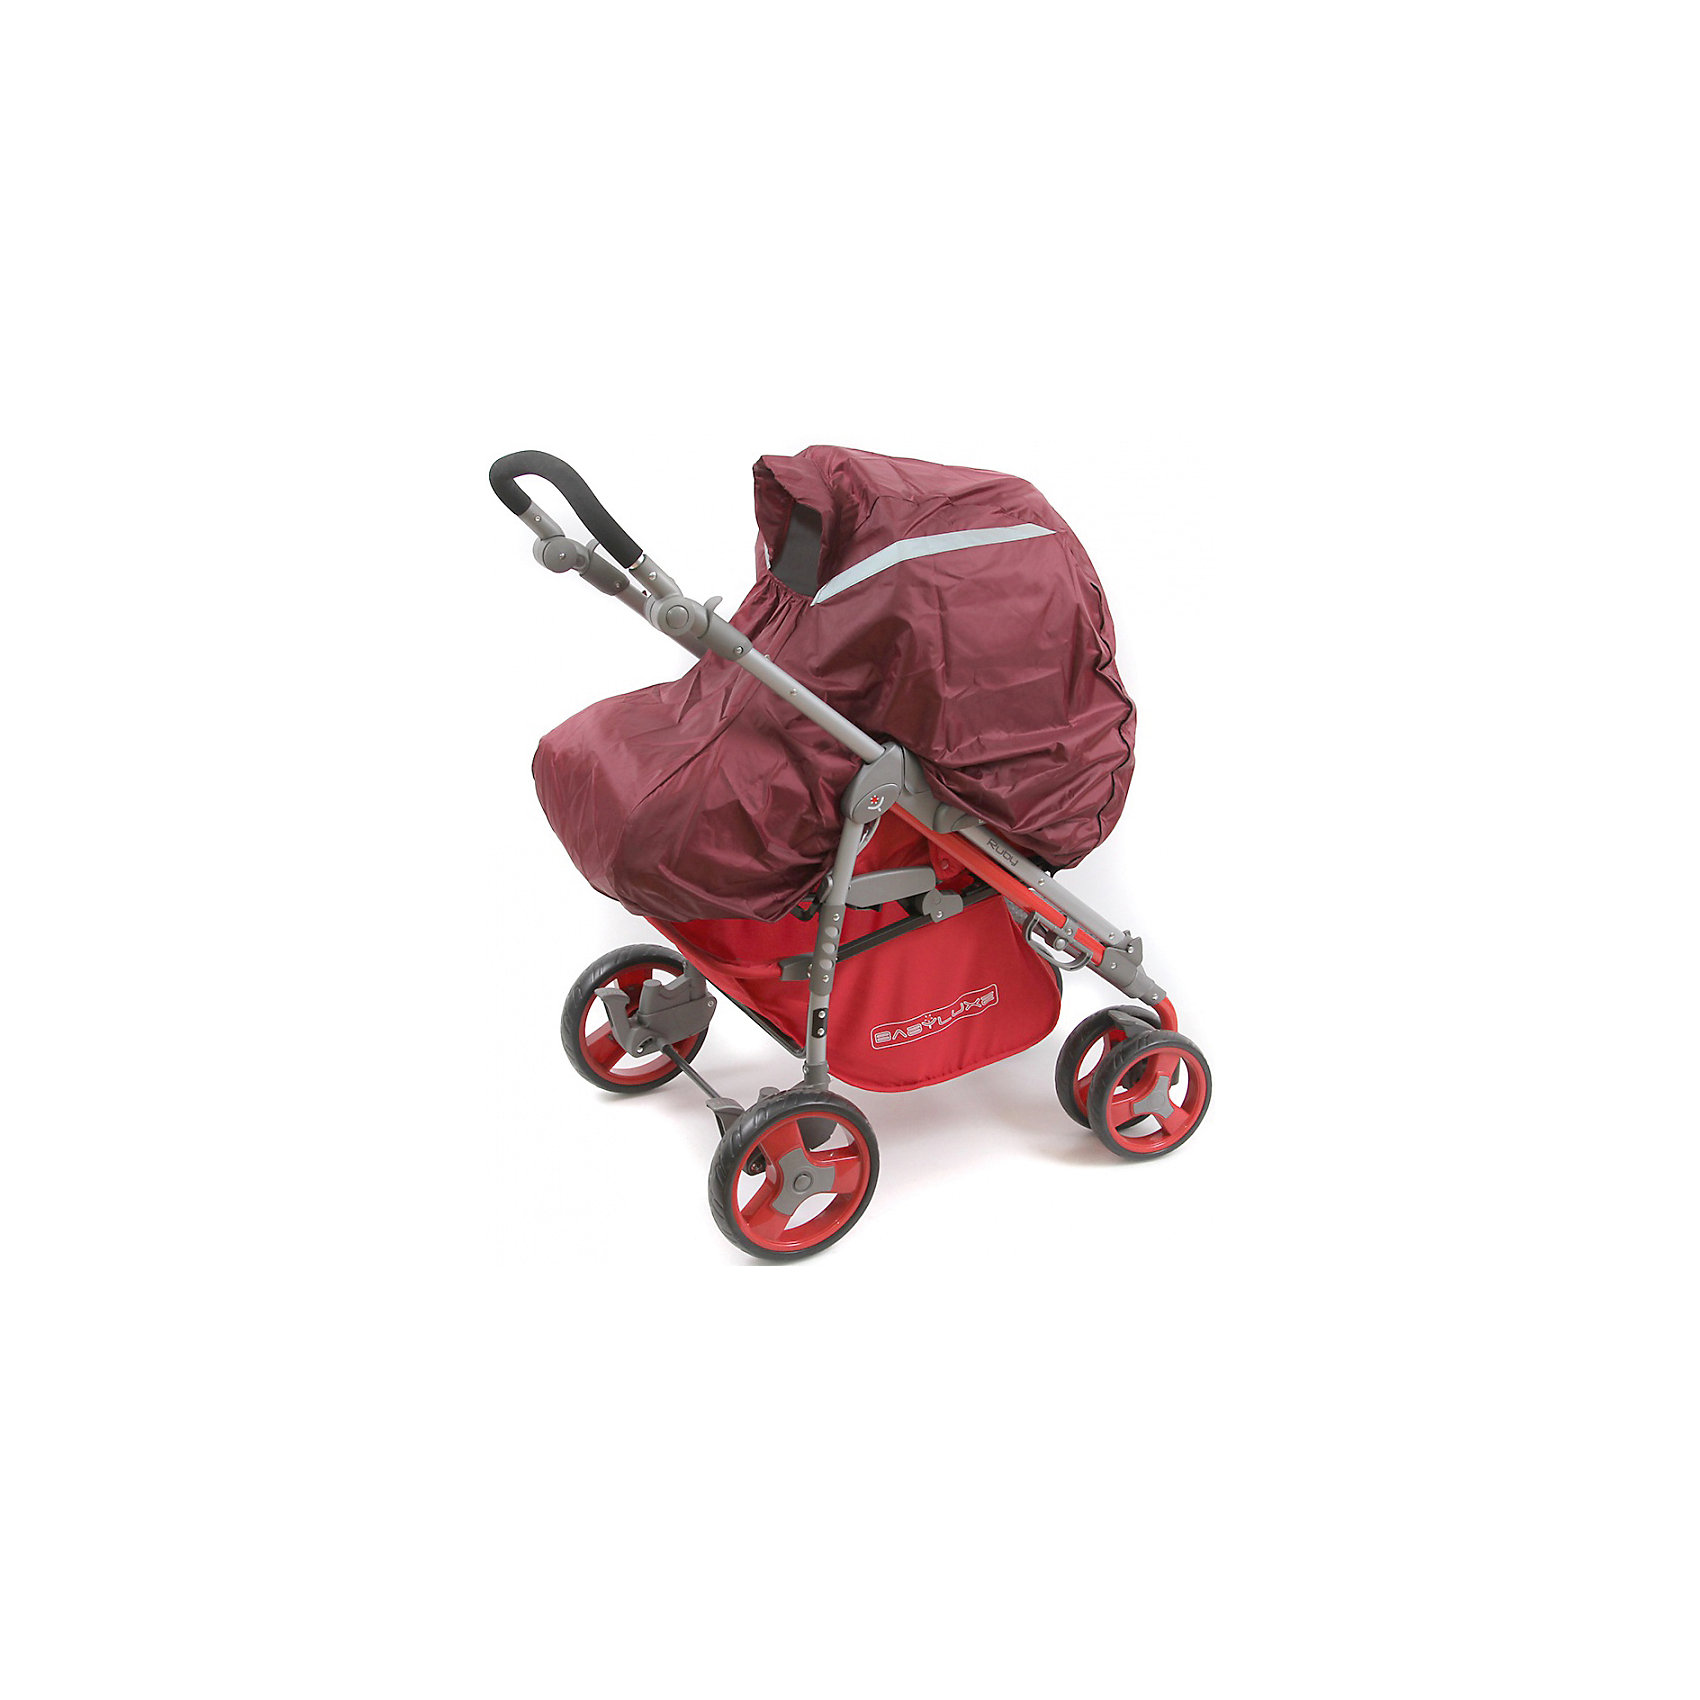 Дождевик для универсальной/ прогулочной коляски Плащевка, Bambola, вассортиментеПрочный дождевик из плащевки позволит гулять с ребенком, не беспокоясь при этом, что он промокнет под дождем.  Он стильно выглядит и подходит для моделей прогулочных колясок.<br>Дождевик легко одеть и снять, он надежно защищает ребенка от пыли, дождя и снега.  Изделие произведено из качественных и безопасных для малышей материалов, оно соответствуют всем современным требованиям безопасности.<br> <br>Дополнительная информация:<br><br>материал: плащевка;<br>быстро устанавливается;<br>легко снимается.<br><br>Дождевик для универсальной/ прогулочной коляски Плащевка от компании Bambola можно купить в нашем магазине.<br><br>Ширина мм: 300<br>Глубина мм: 300<br>Высота мм: 300<br>Вес г: 150<br>Возраст от месяцев: 0<br>Возраст до месяцев: 36<br>Пол: Унисекс<br>Возраст: Детский<br>SKU: 4720046